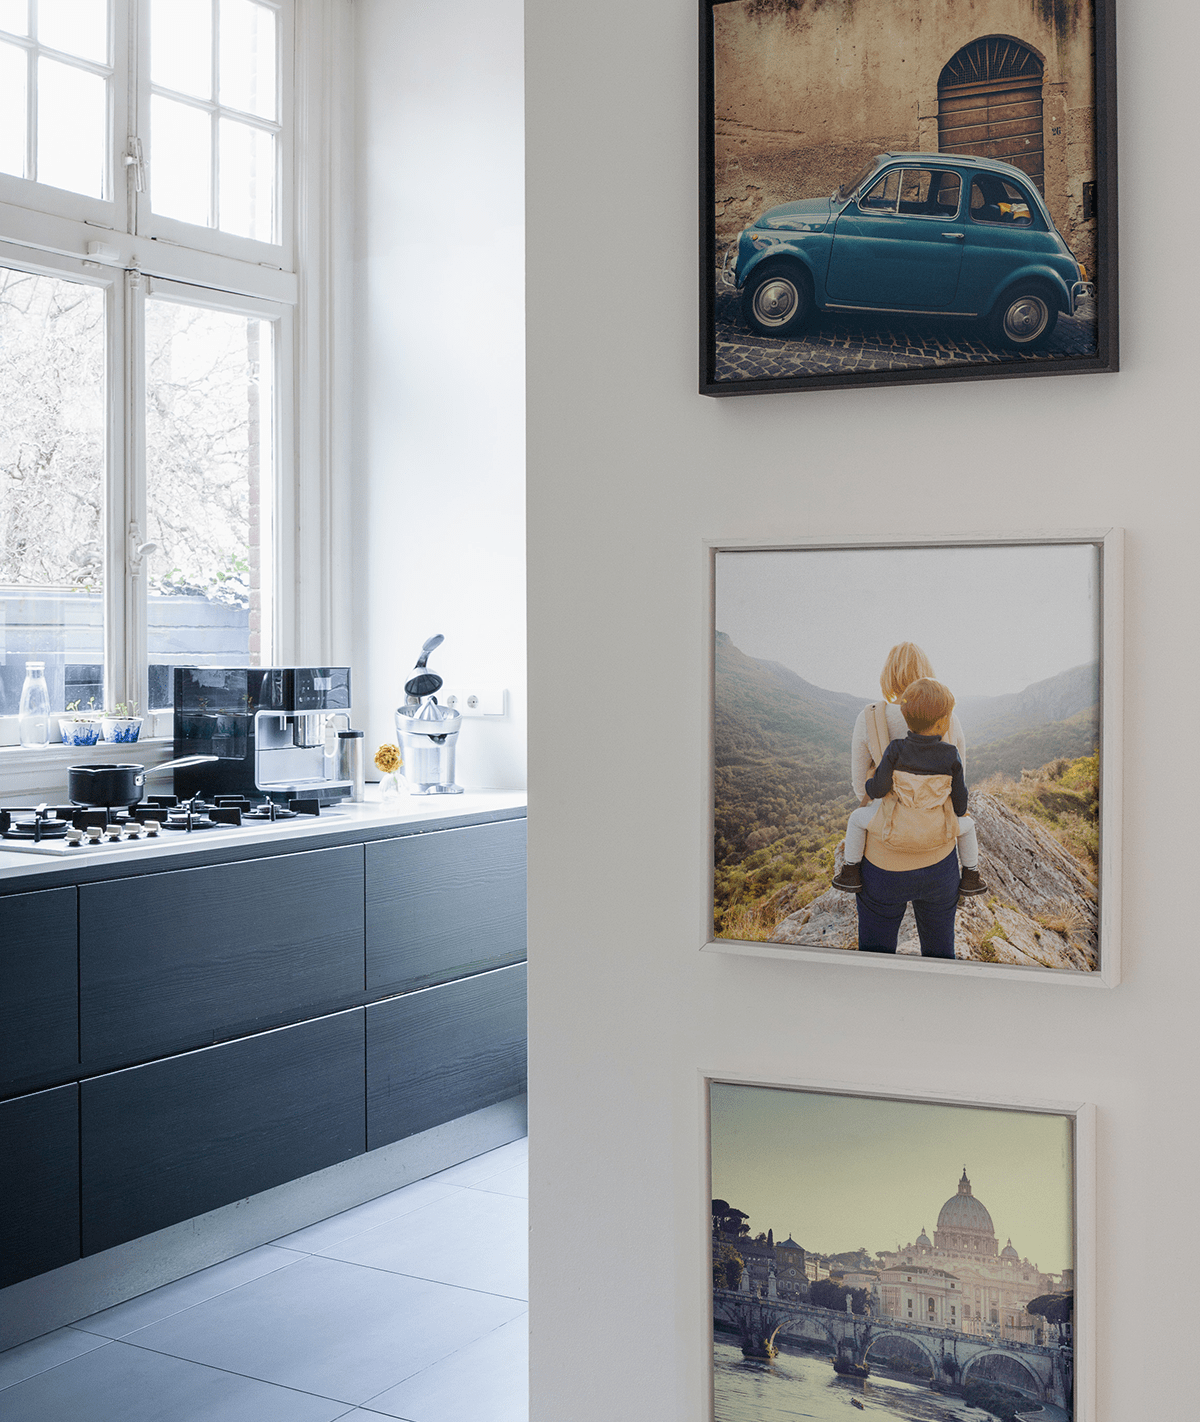 Bare ut Hvordan fornye hjemmet ditt med egne bilder   fotoknudsen blogg VX-81